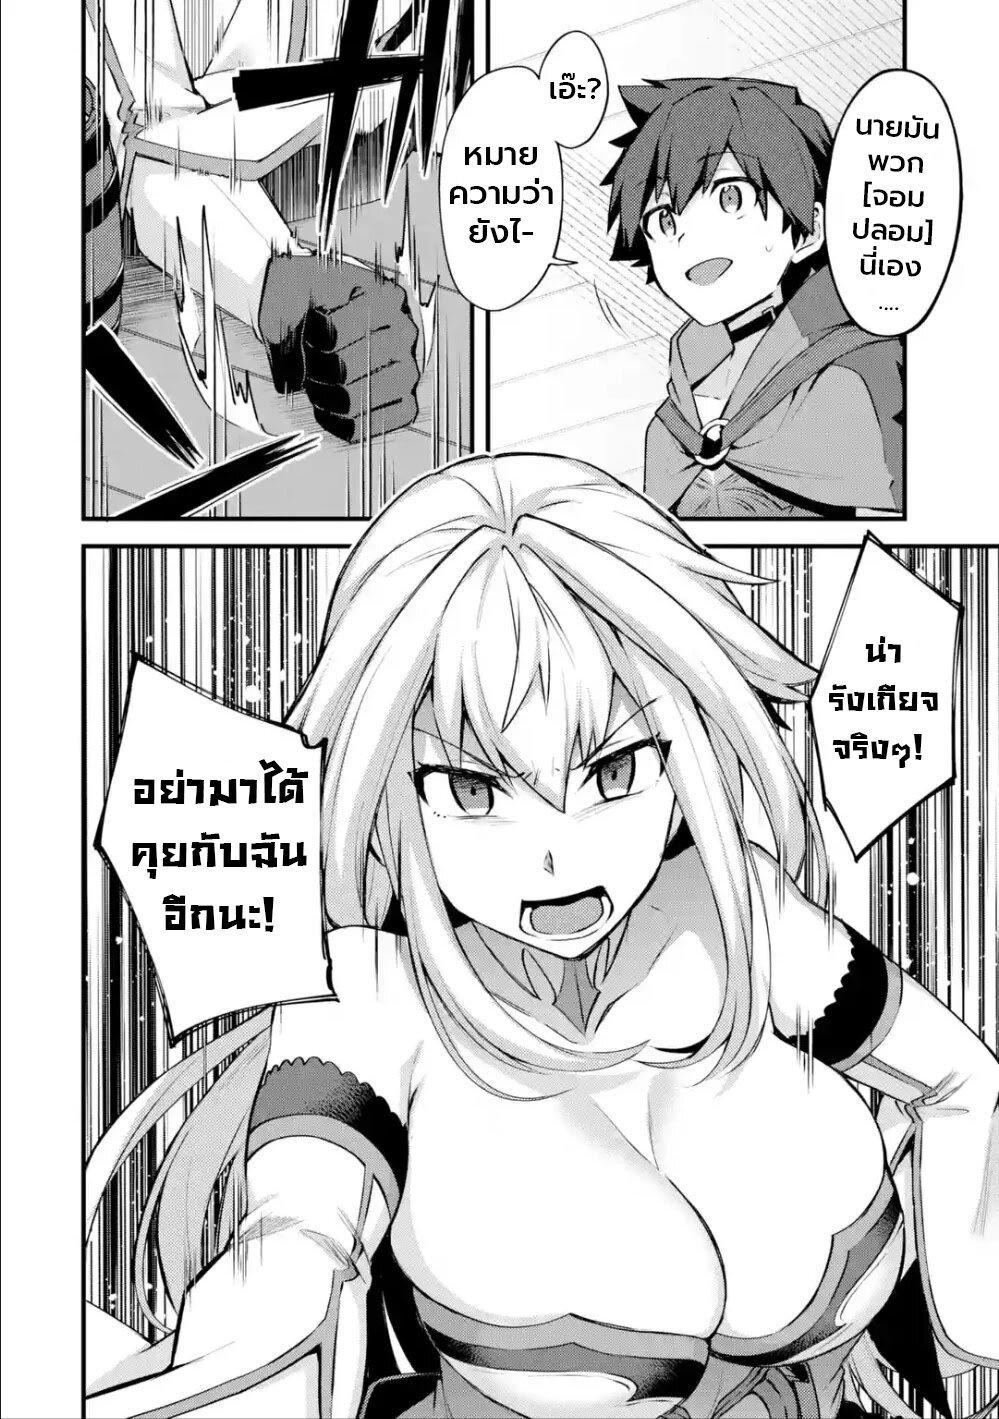 อ่านการ์ตูน Nido Tensei Shita Shounen wa S Rank Boukensha Toshite Heion ni Sugosu-zense ga kenja de eiyuu datta boku wa raisede wa jimini ikiru ตอนที่ 15 หน้าที่ 23